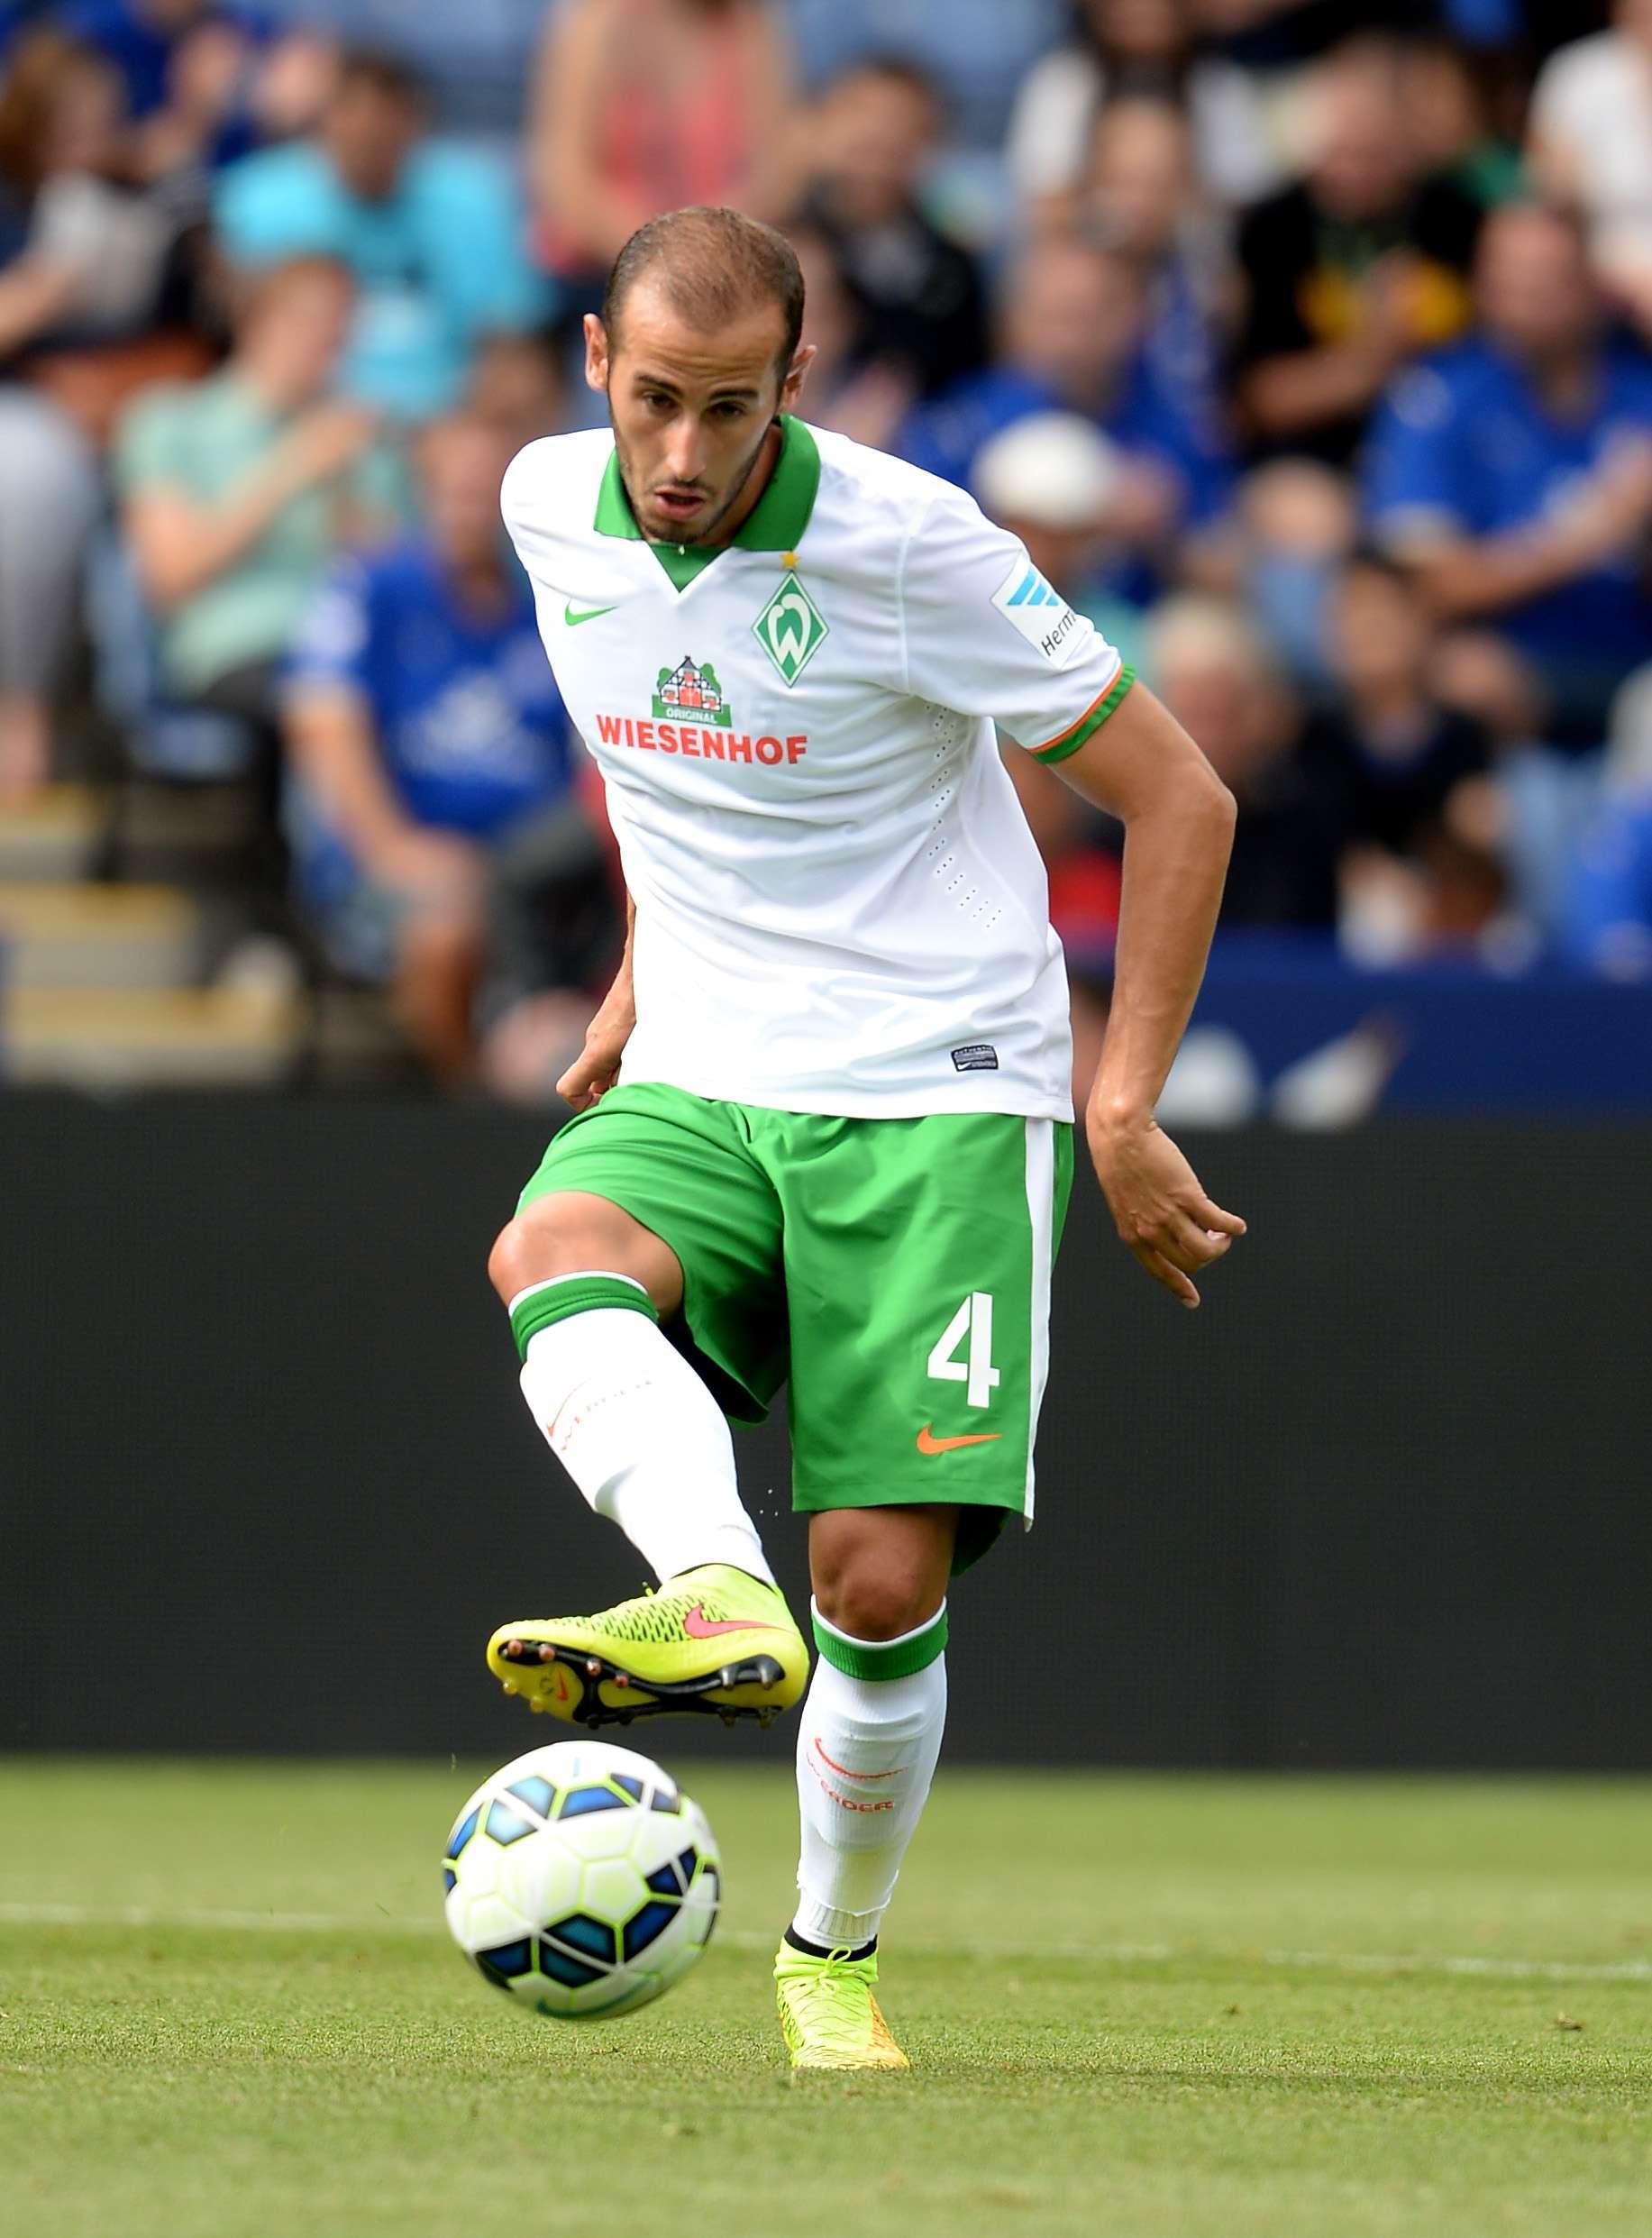 Werder Bremen Foto: Getty images